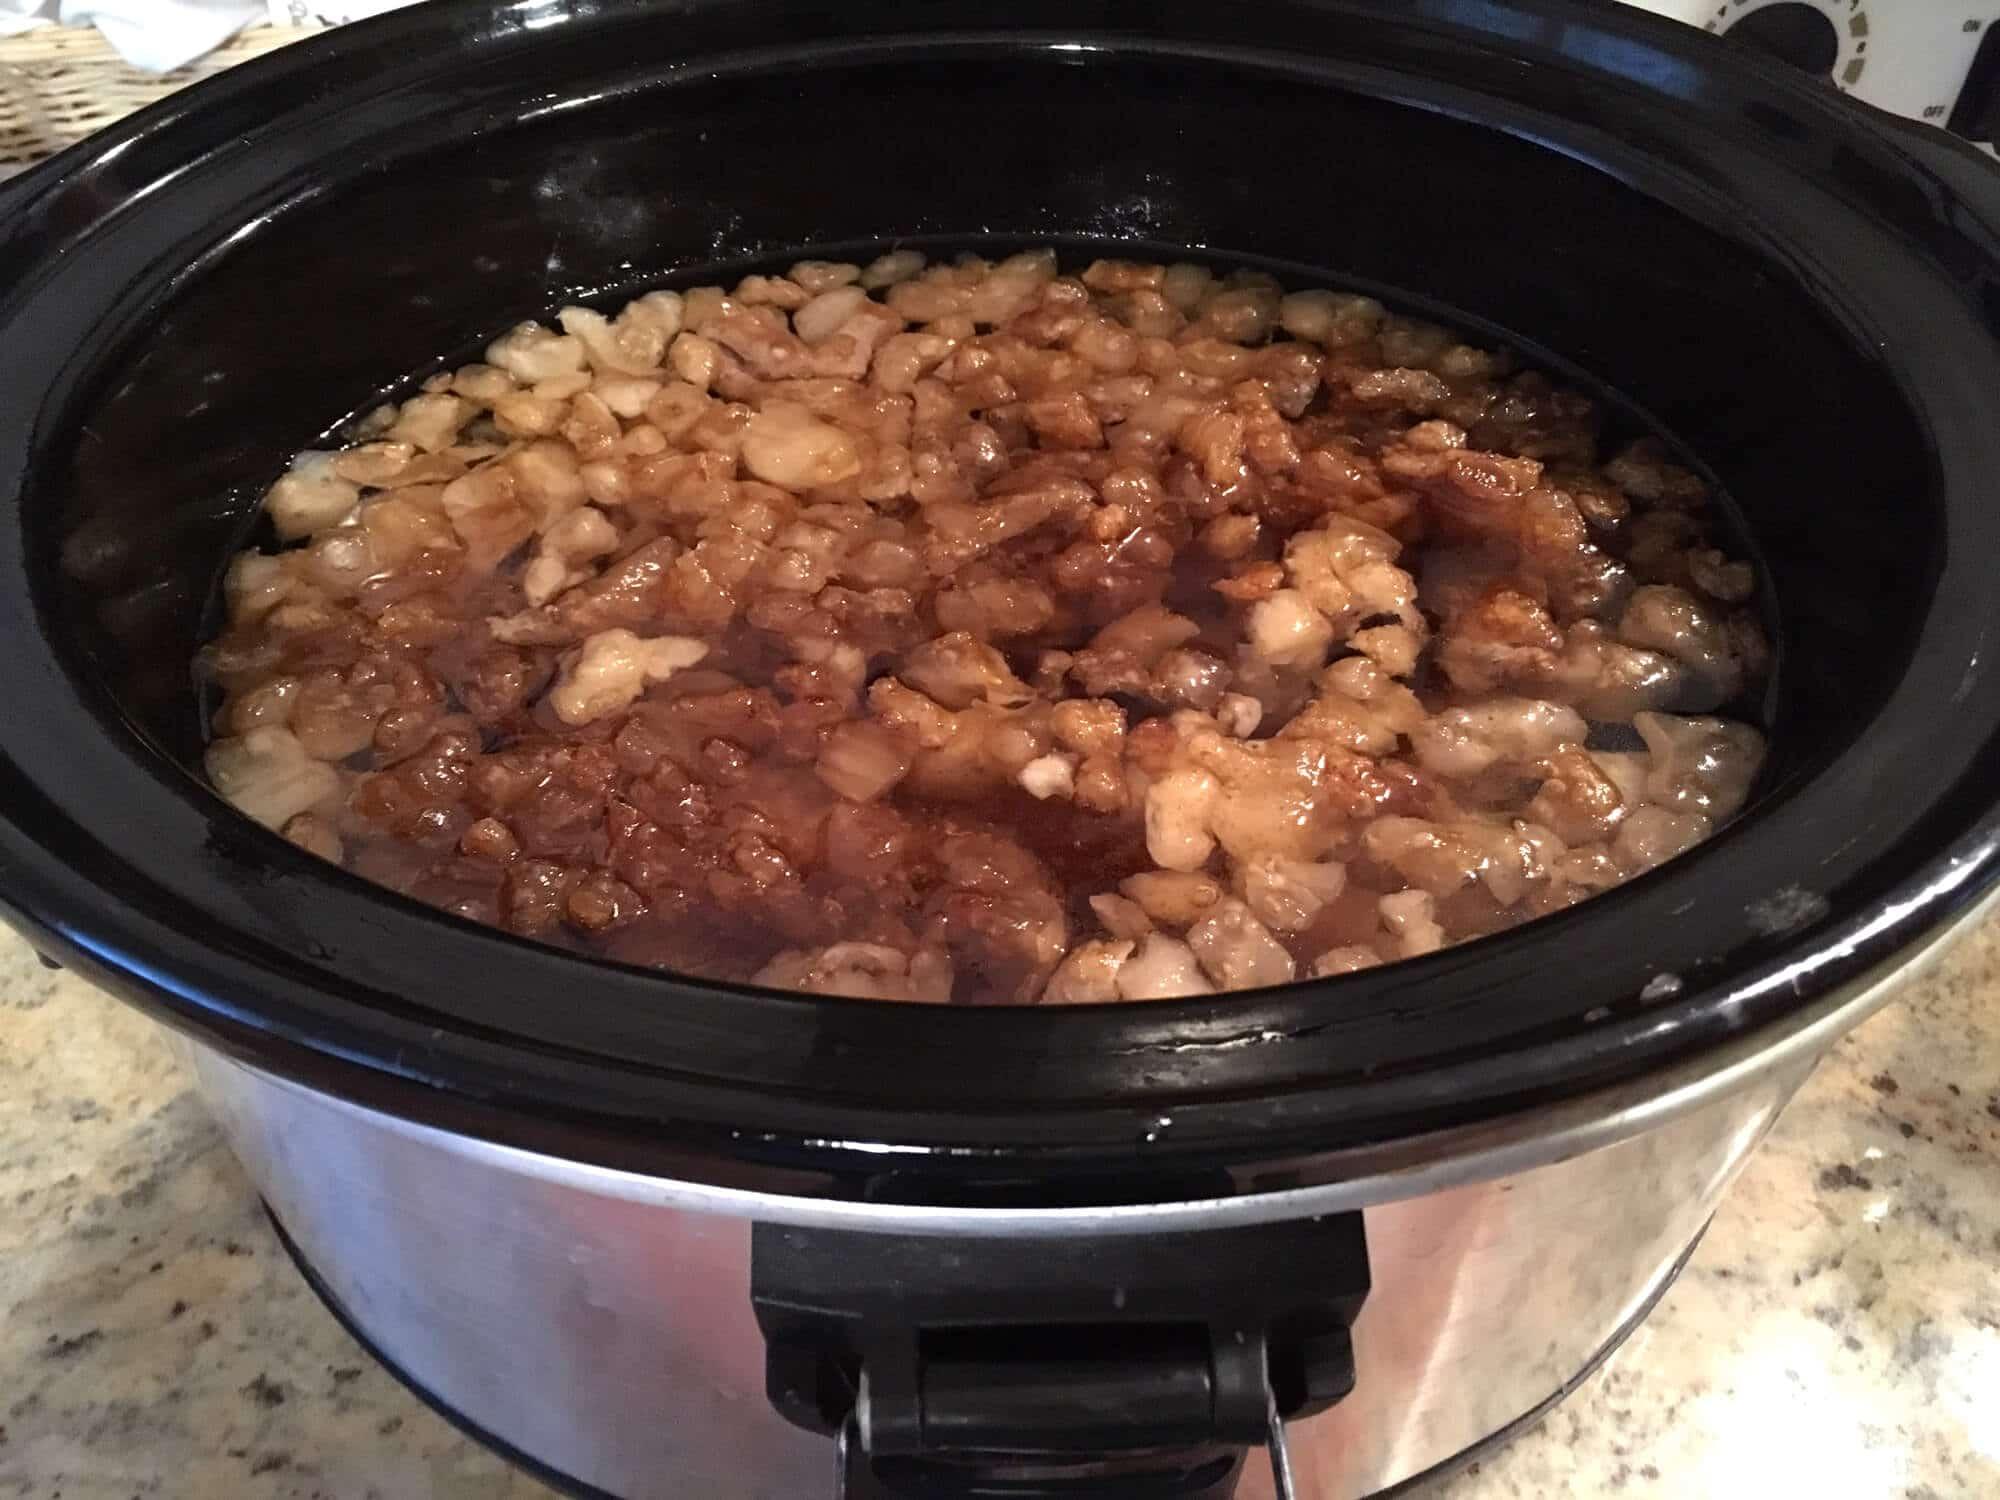 how to render lard pork pig fat homemade diy slow cooker crock pot oven stovetop homesteading leaf kidney tallow fatback